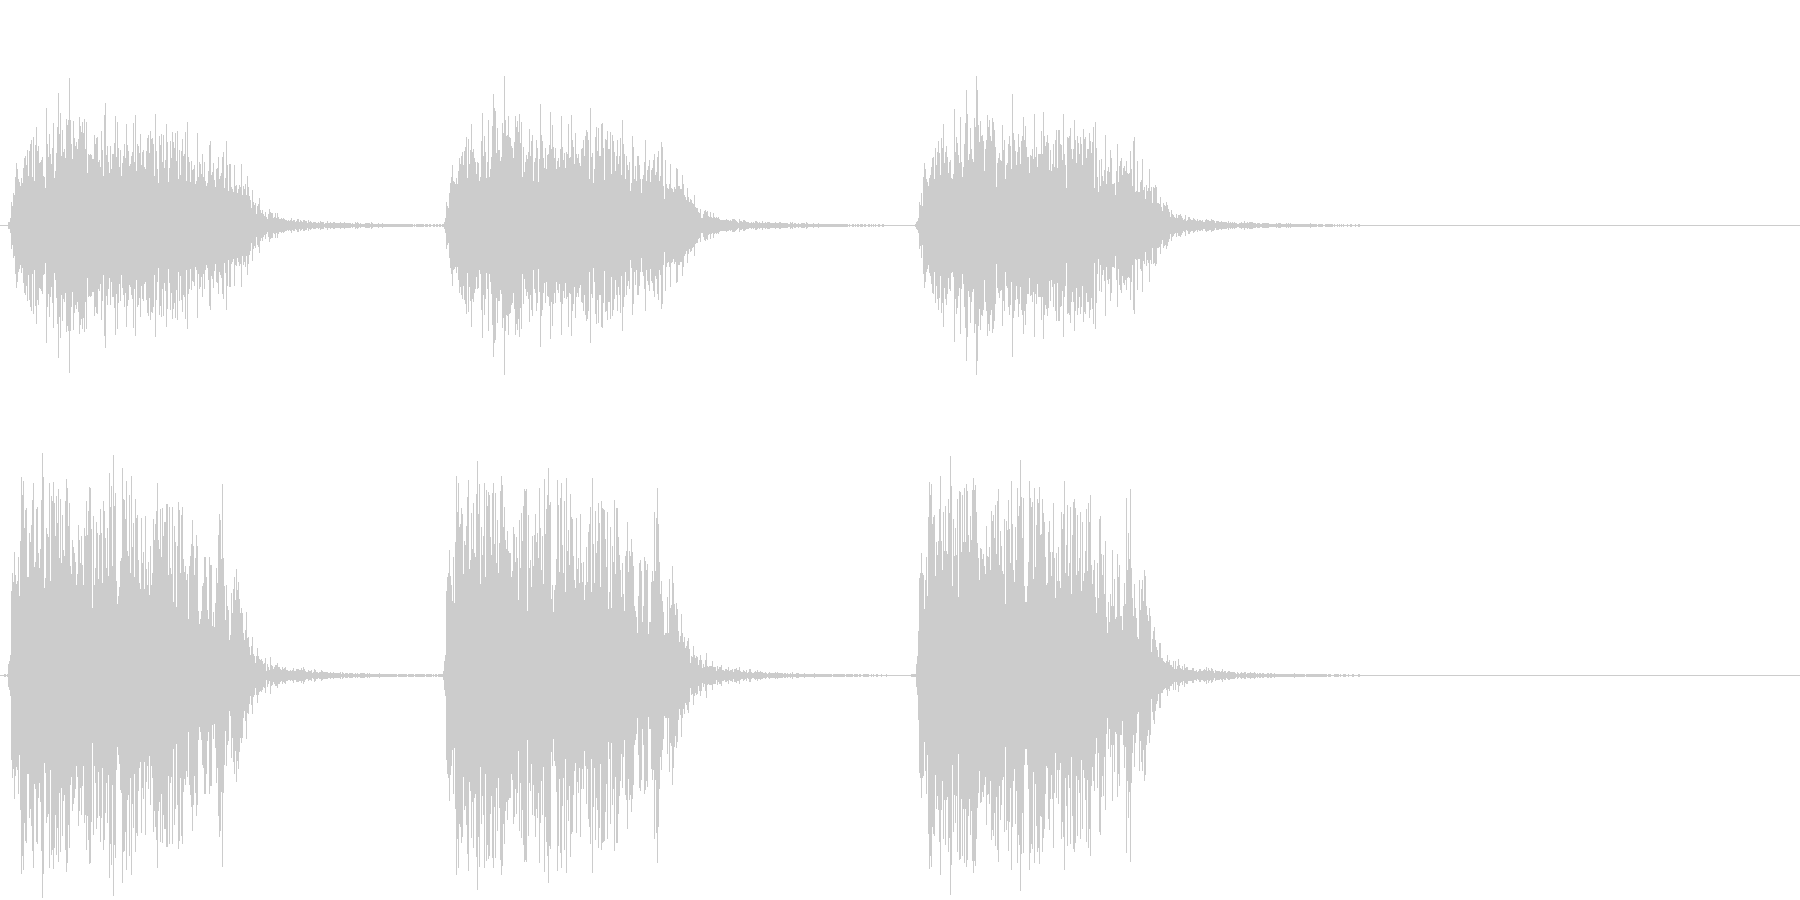 【生録音】カラスの鳴く音1 カーカーカーの未再生の波形